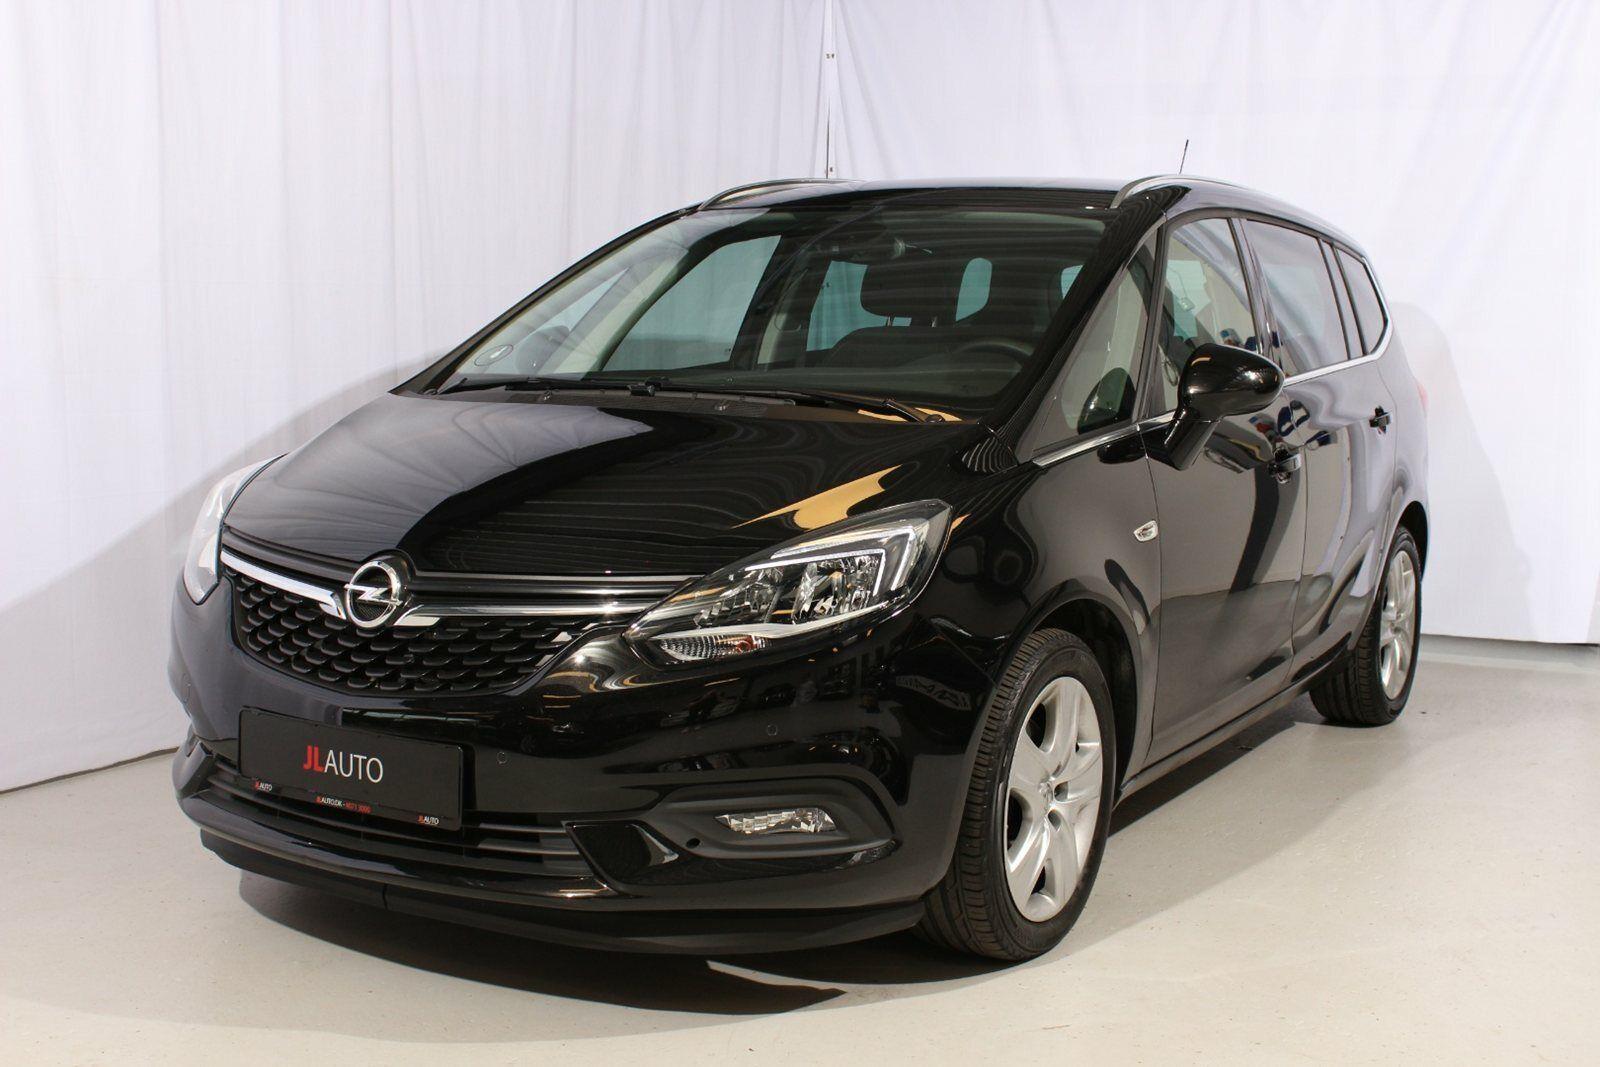 Opel Zafira Tourer 1,4 T 140 Enjoy aut. 5d - 284.990 kr.